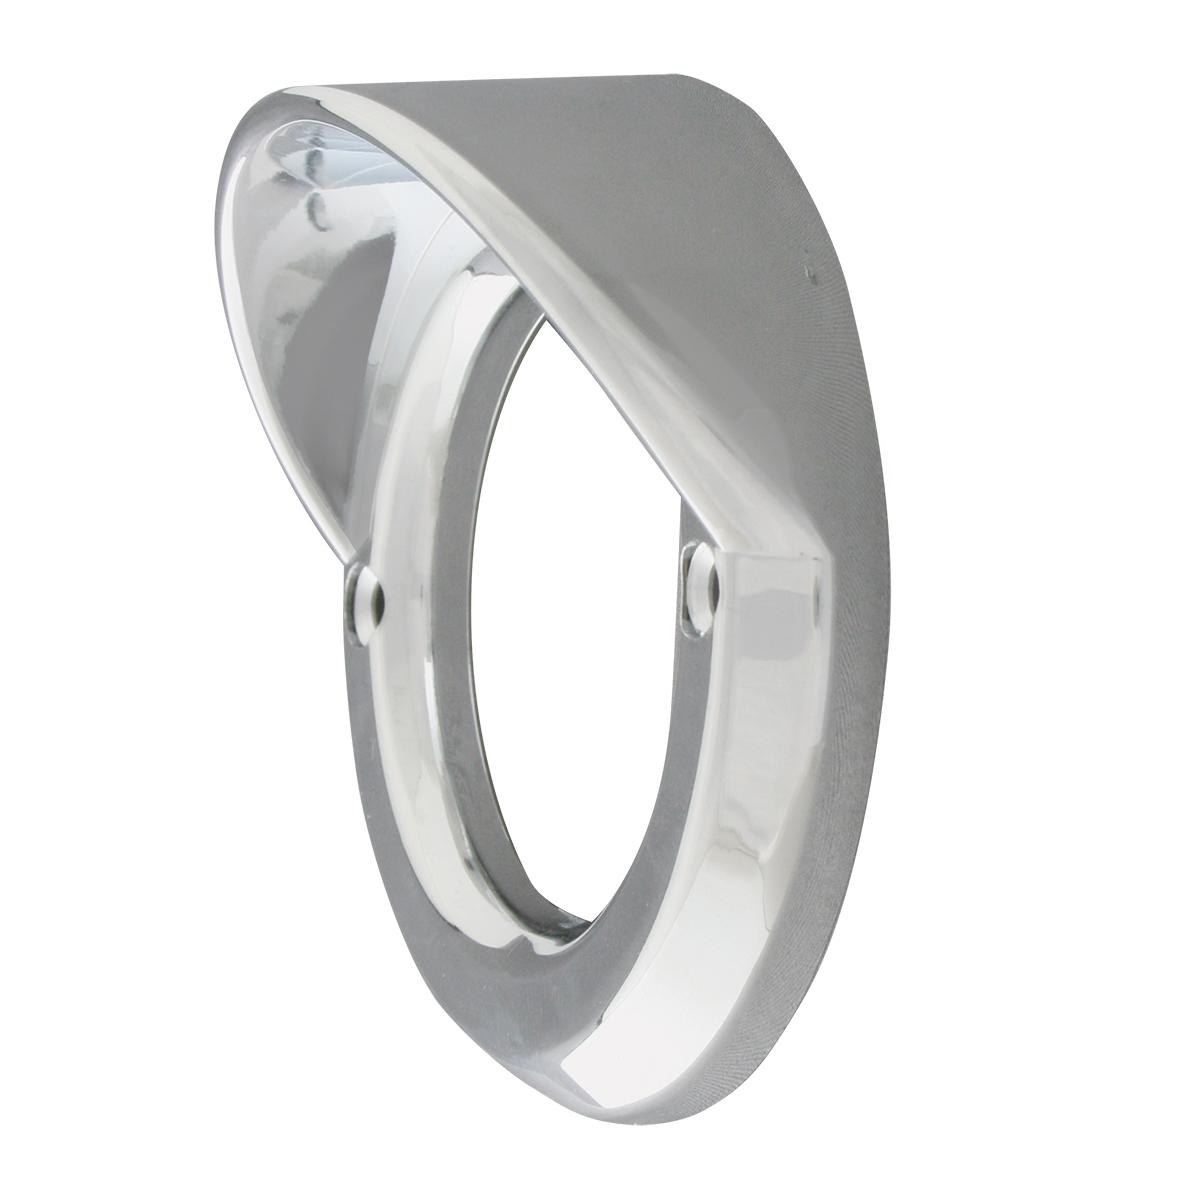 """80726 Chrome Plastic Grommet Cover w/ Visor for 2"""" Round Light"""